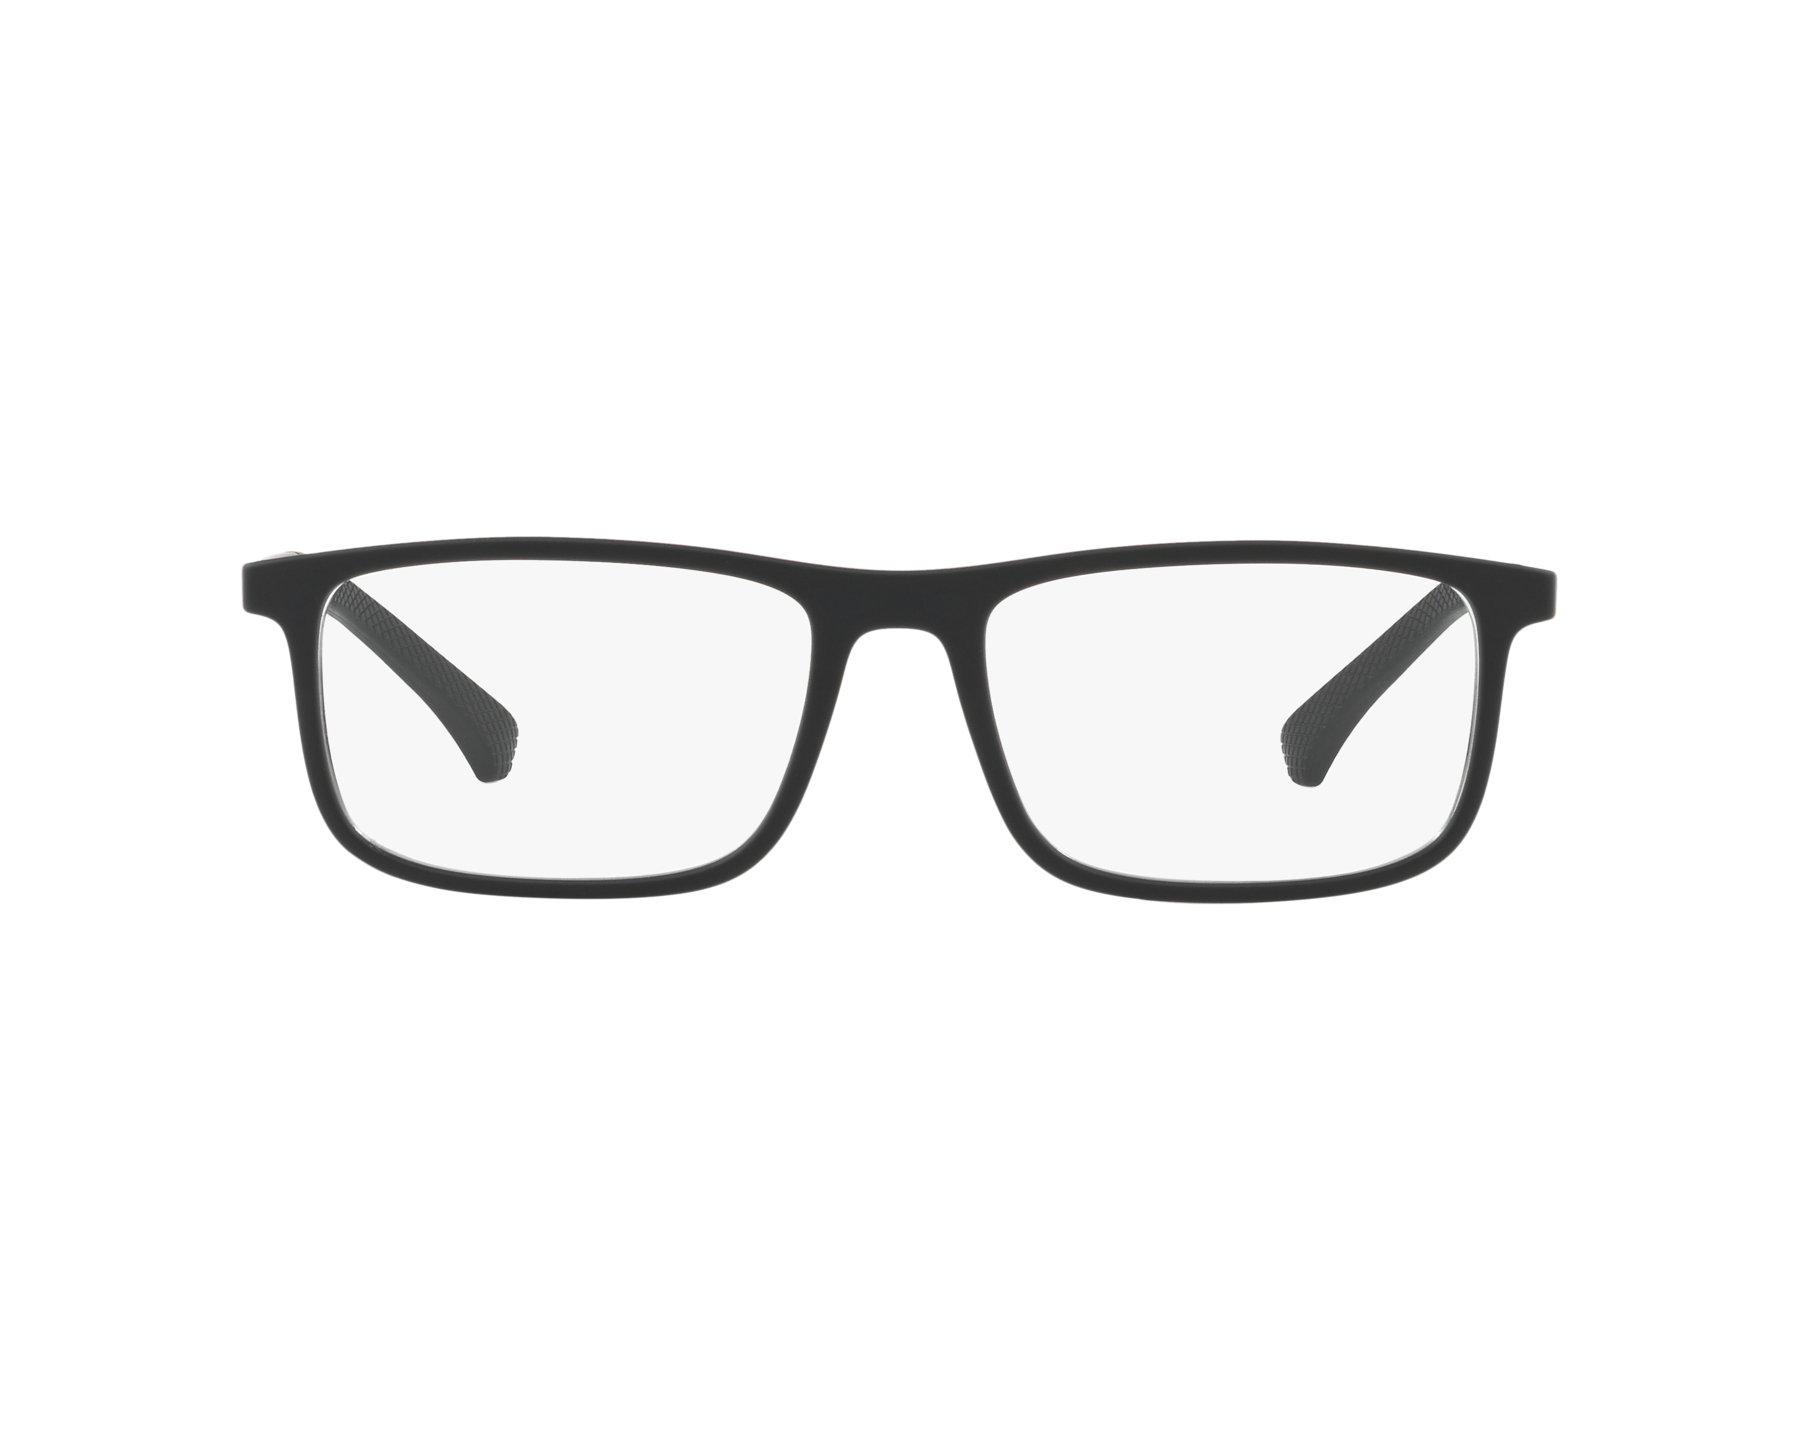 96a63a730fb2 Brillen Emporio Armani EA-3125 5063 53-17 schwarz schwarz 360-Grad-